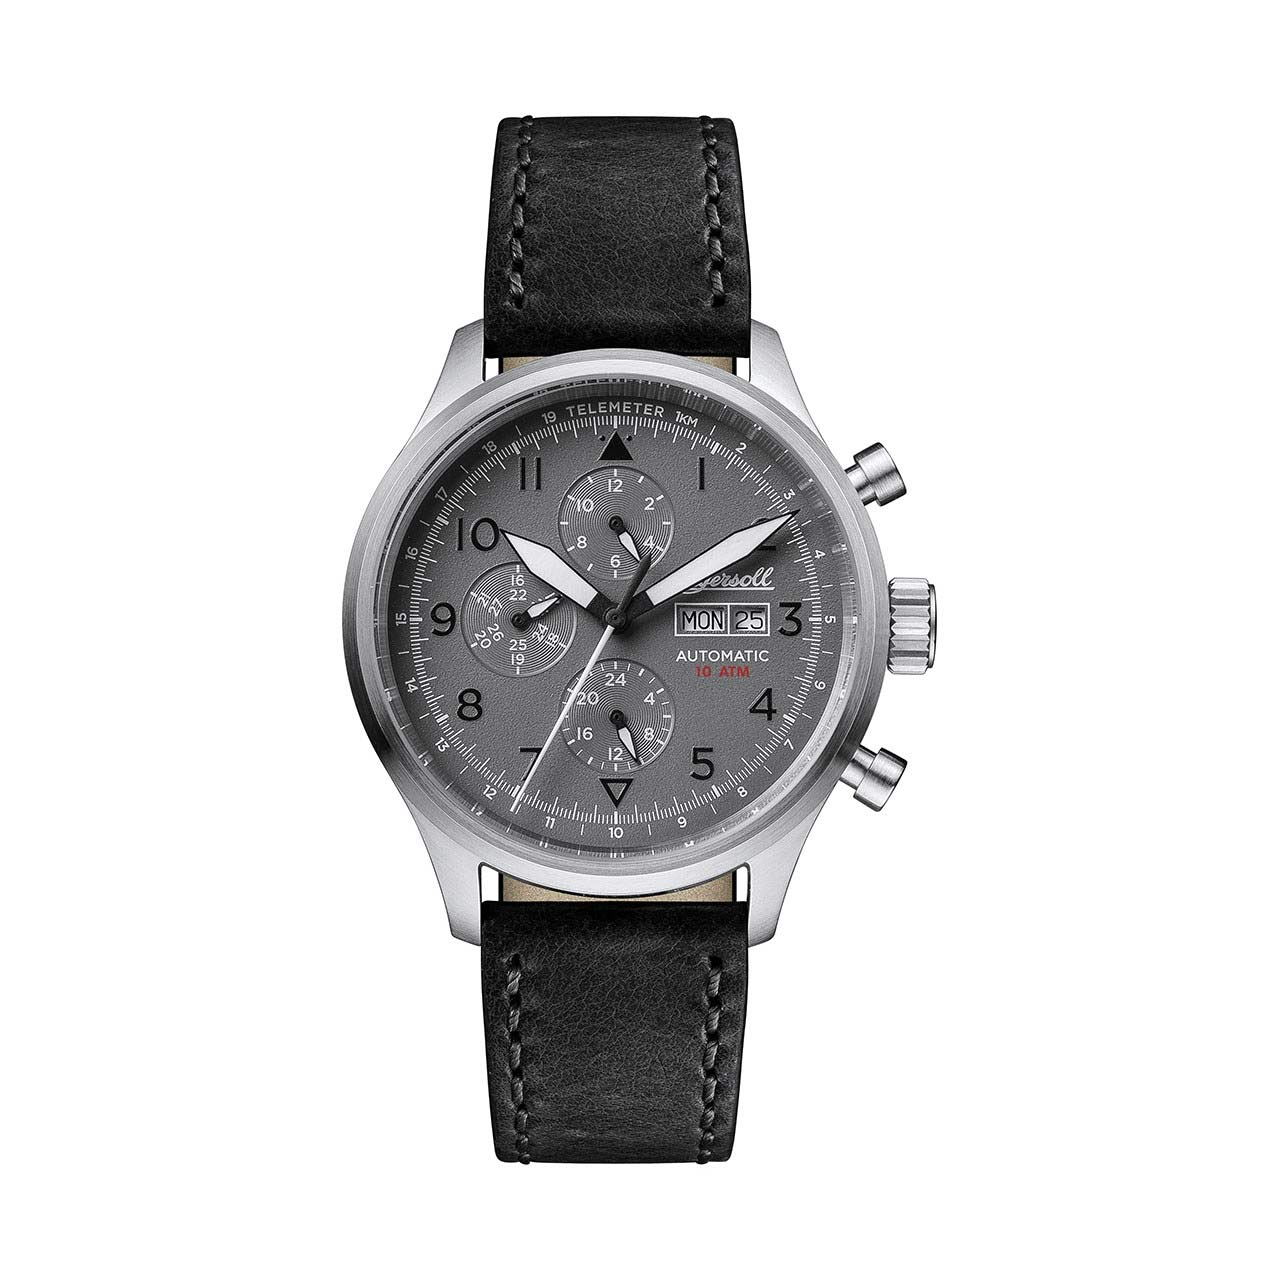 ساعت مچی عقربه ای مردانه اینگرسل مدل I01903 24